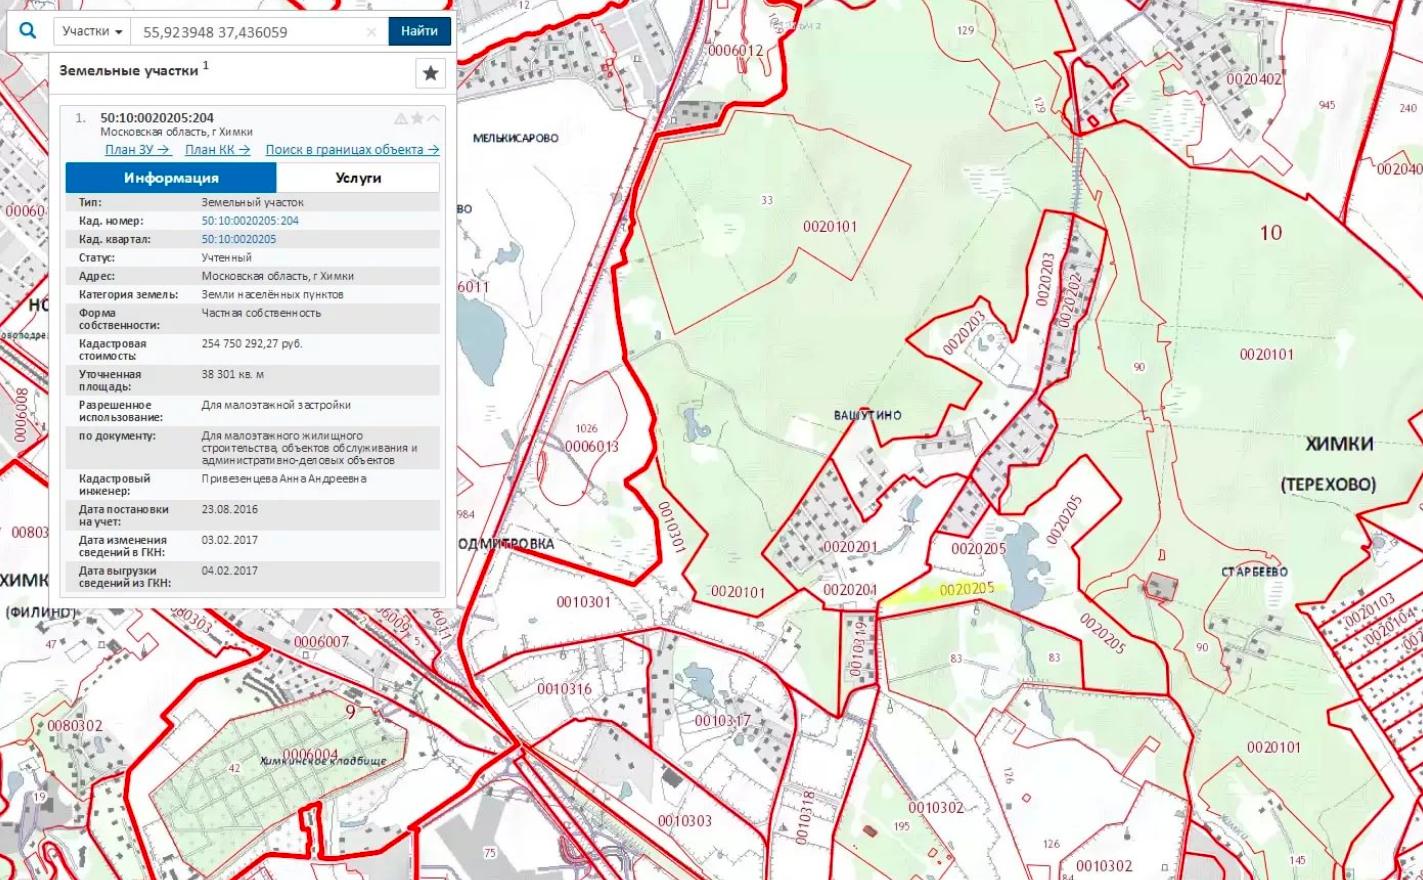 Кадастровая карта онлайн - полная информация по объектам недвижимости